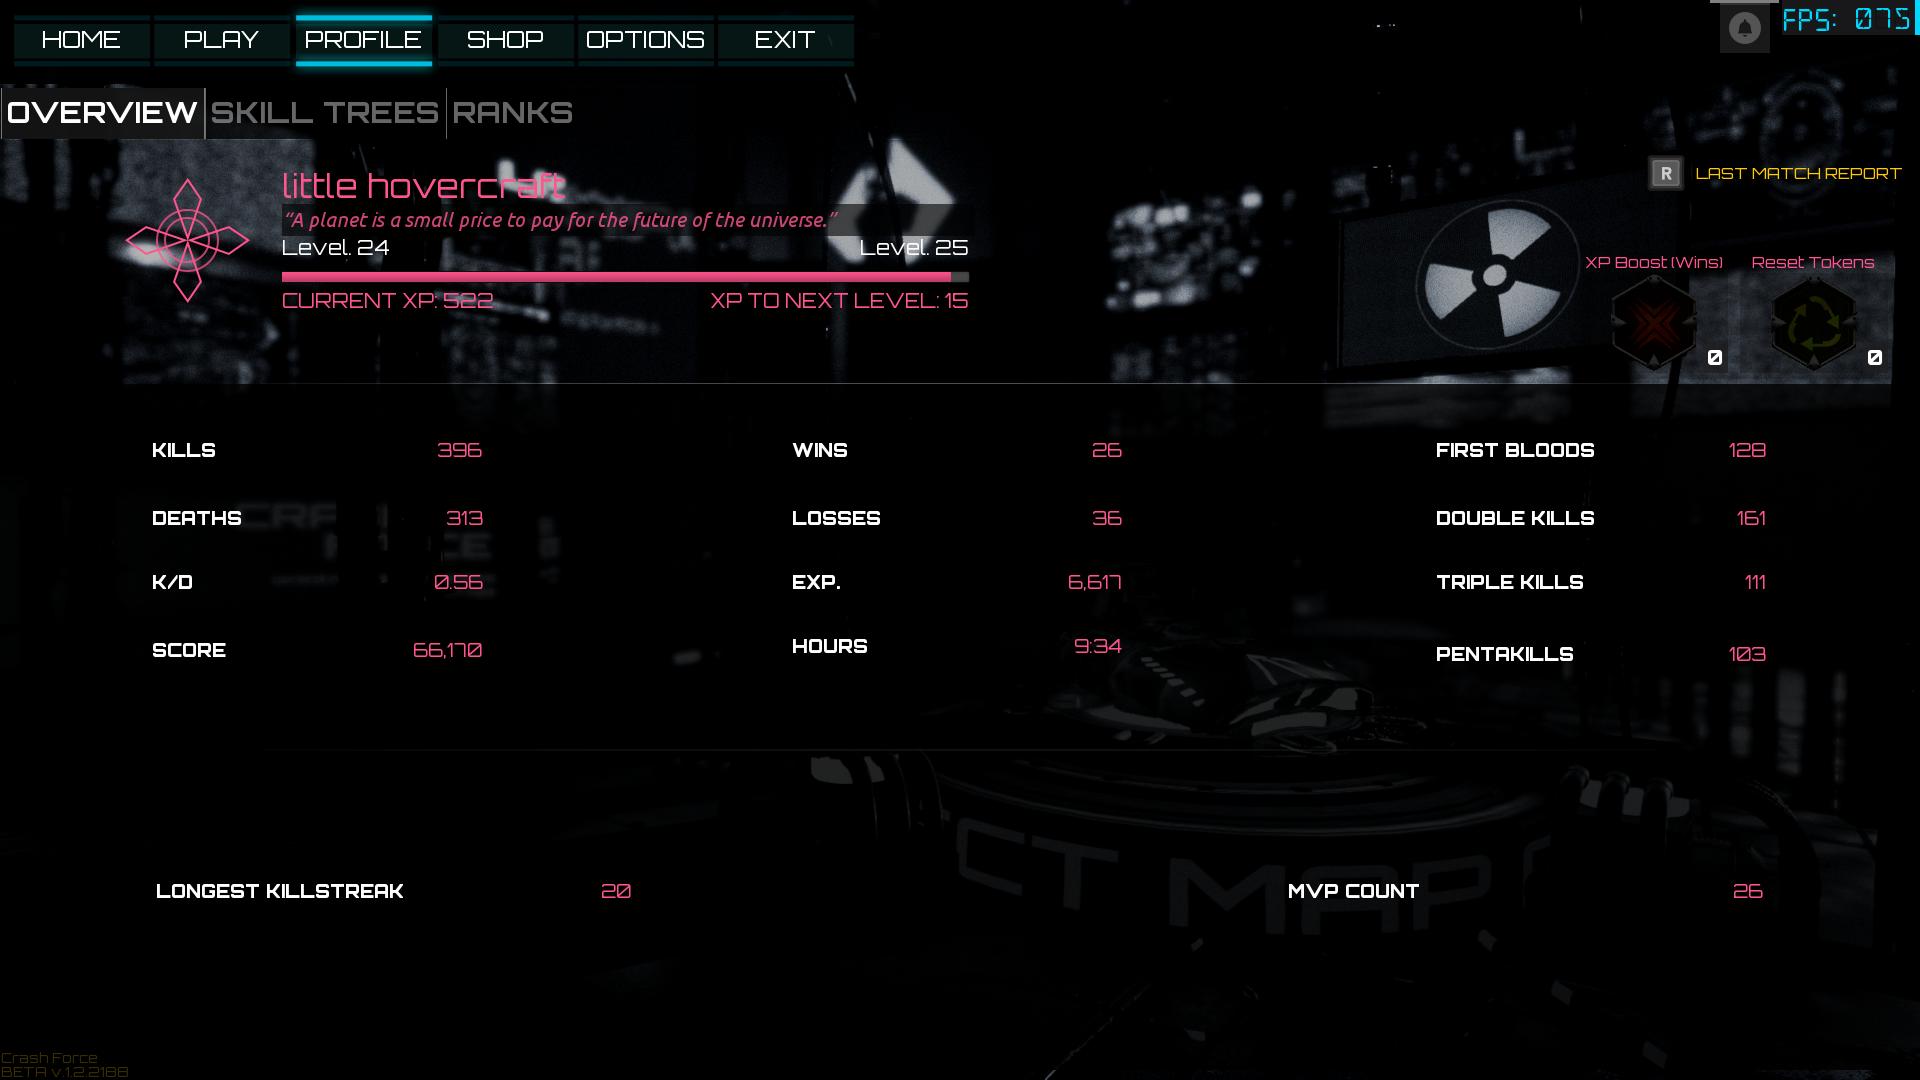 Old UI Profile tab